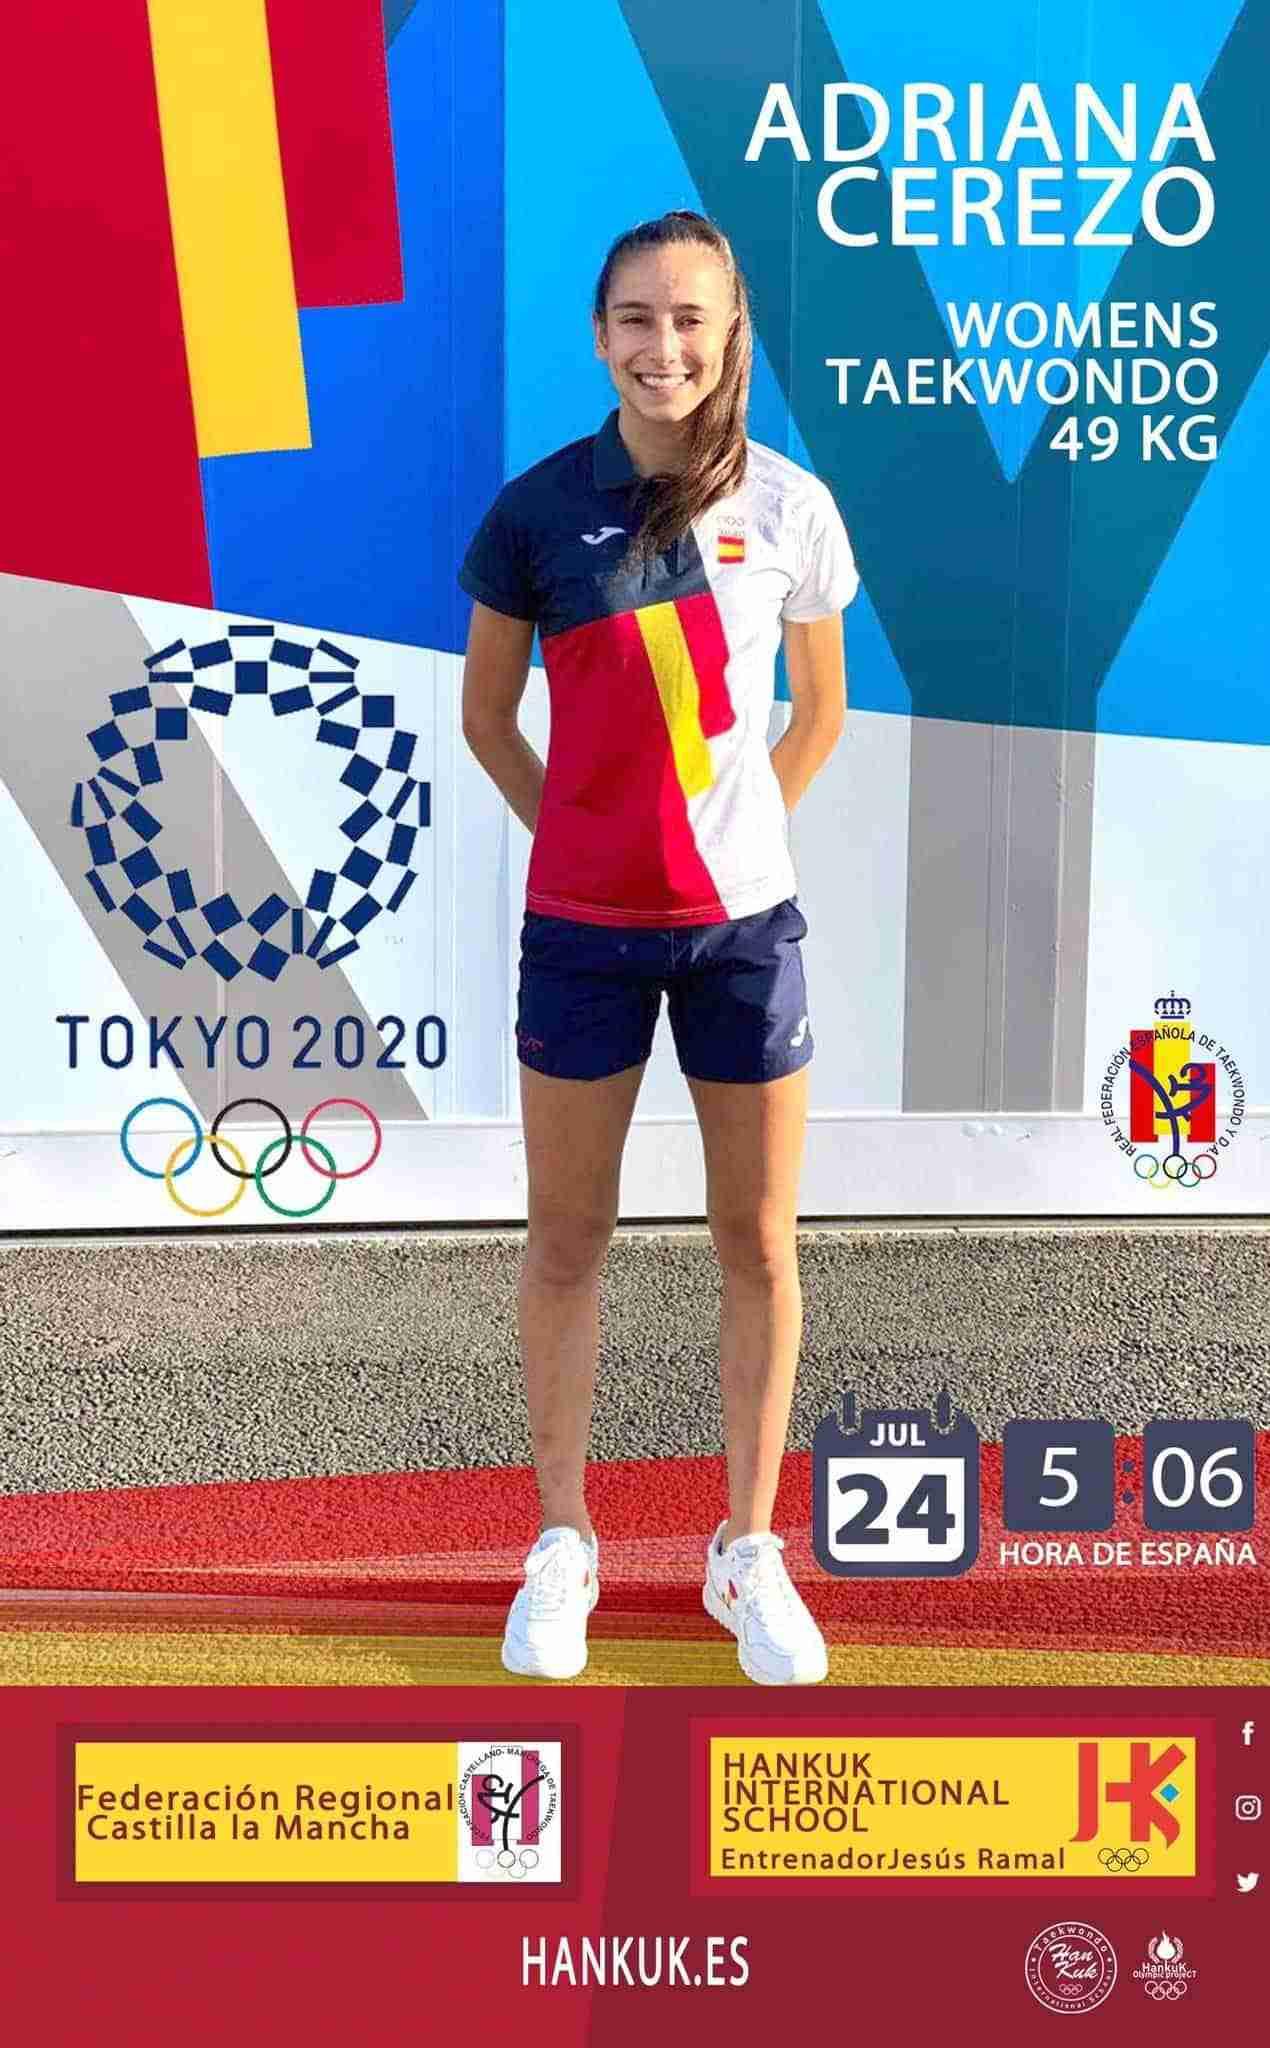 Adriana Cerezo se asegura la medalla olímpica en Taekwondo en Tokyo 2020 9